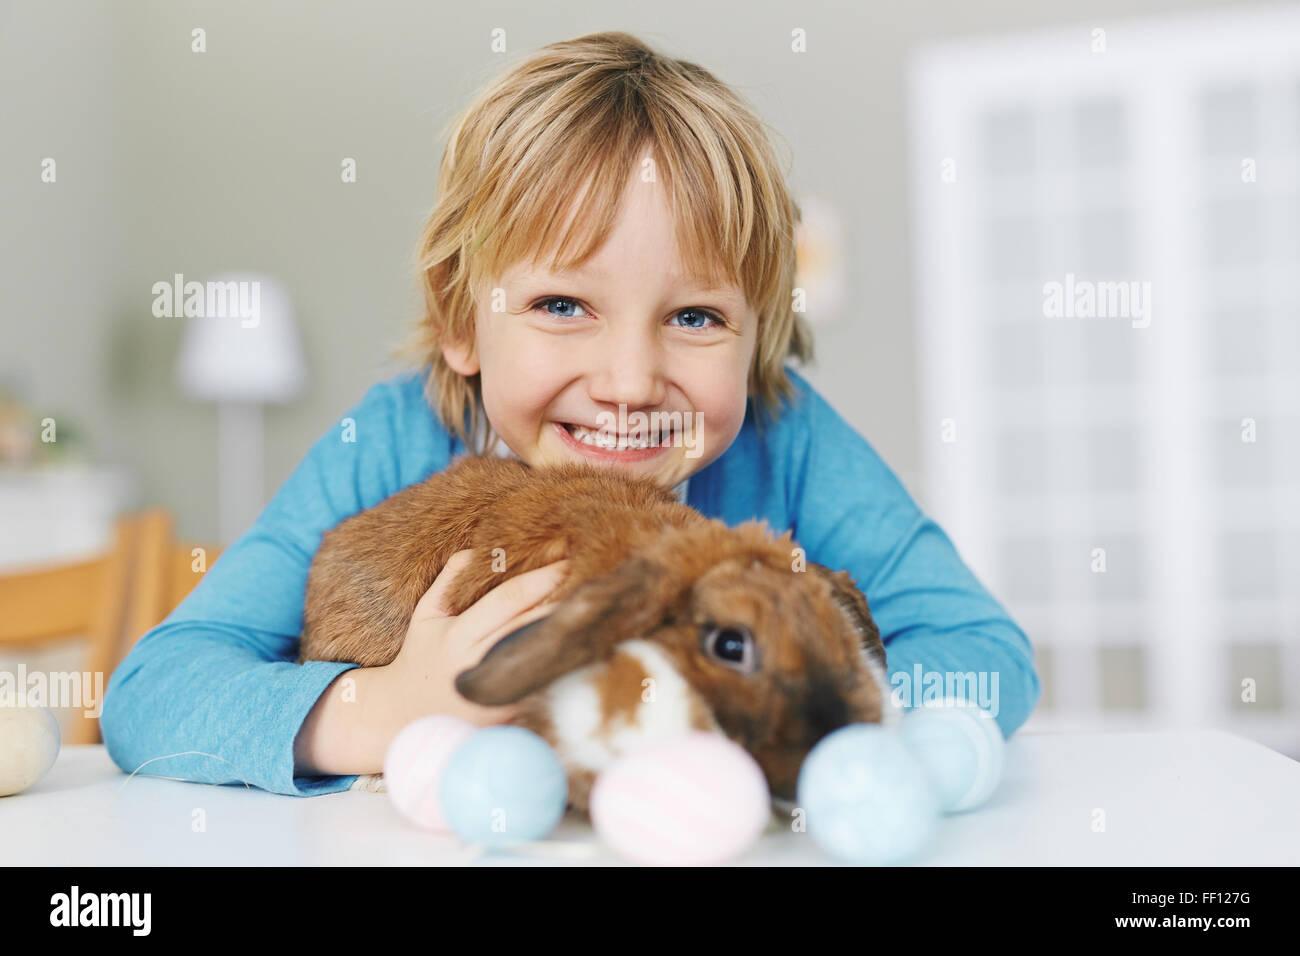 Gioiosa giovane con il Coniglio di Pasqua guardando la fotocamera Immagini Stock